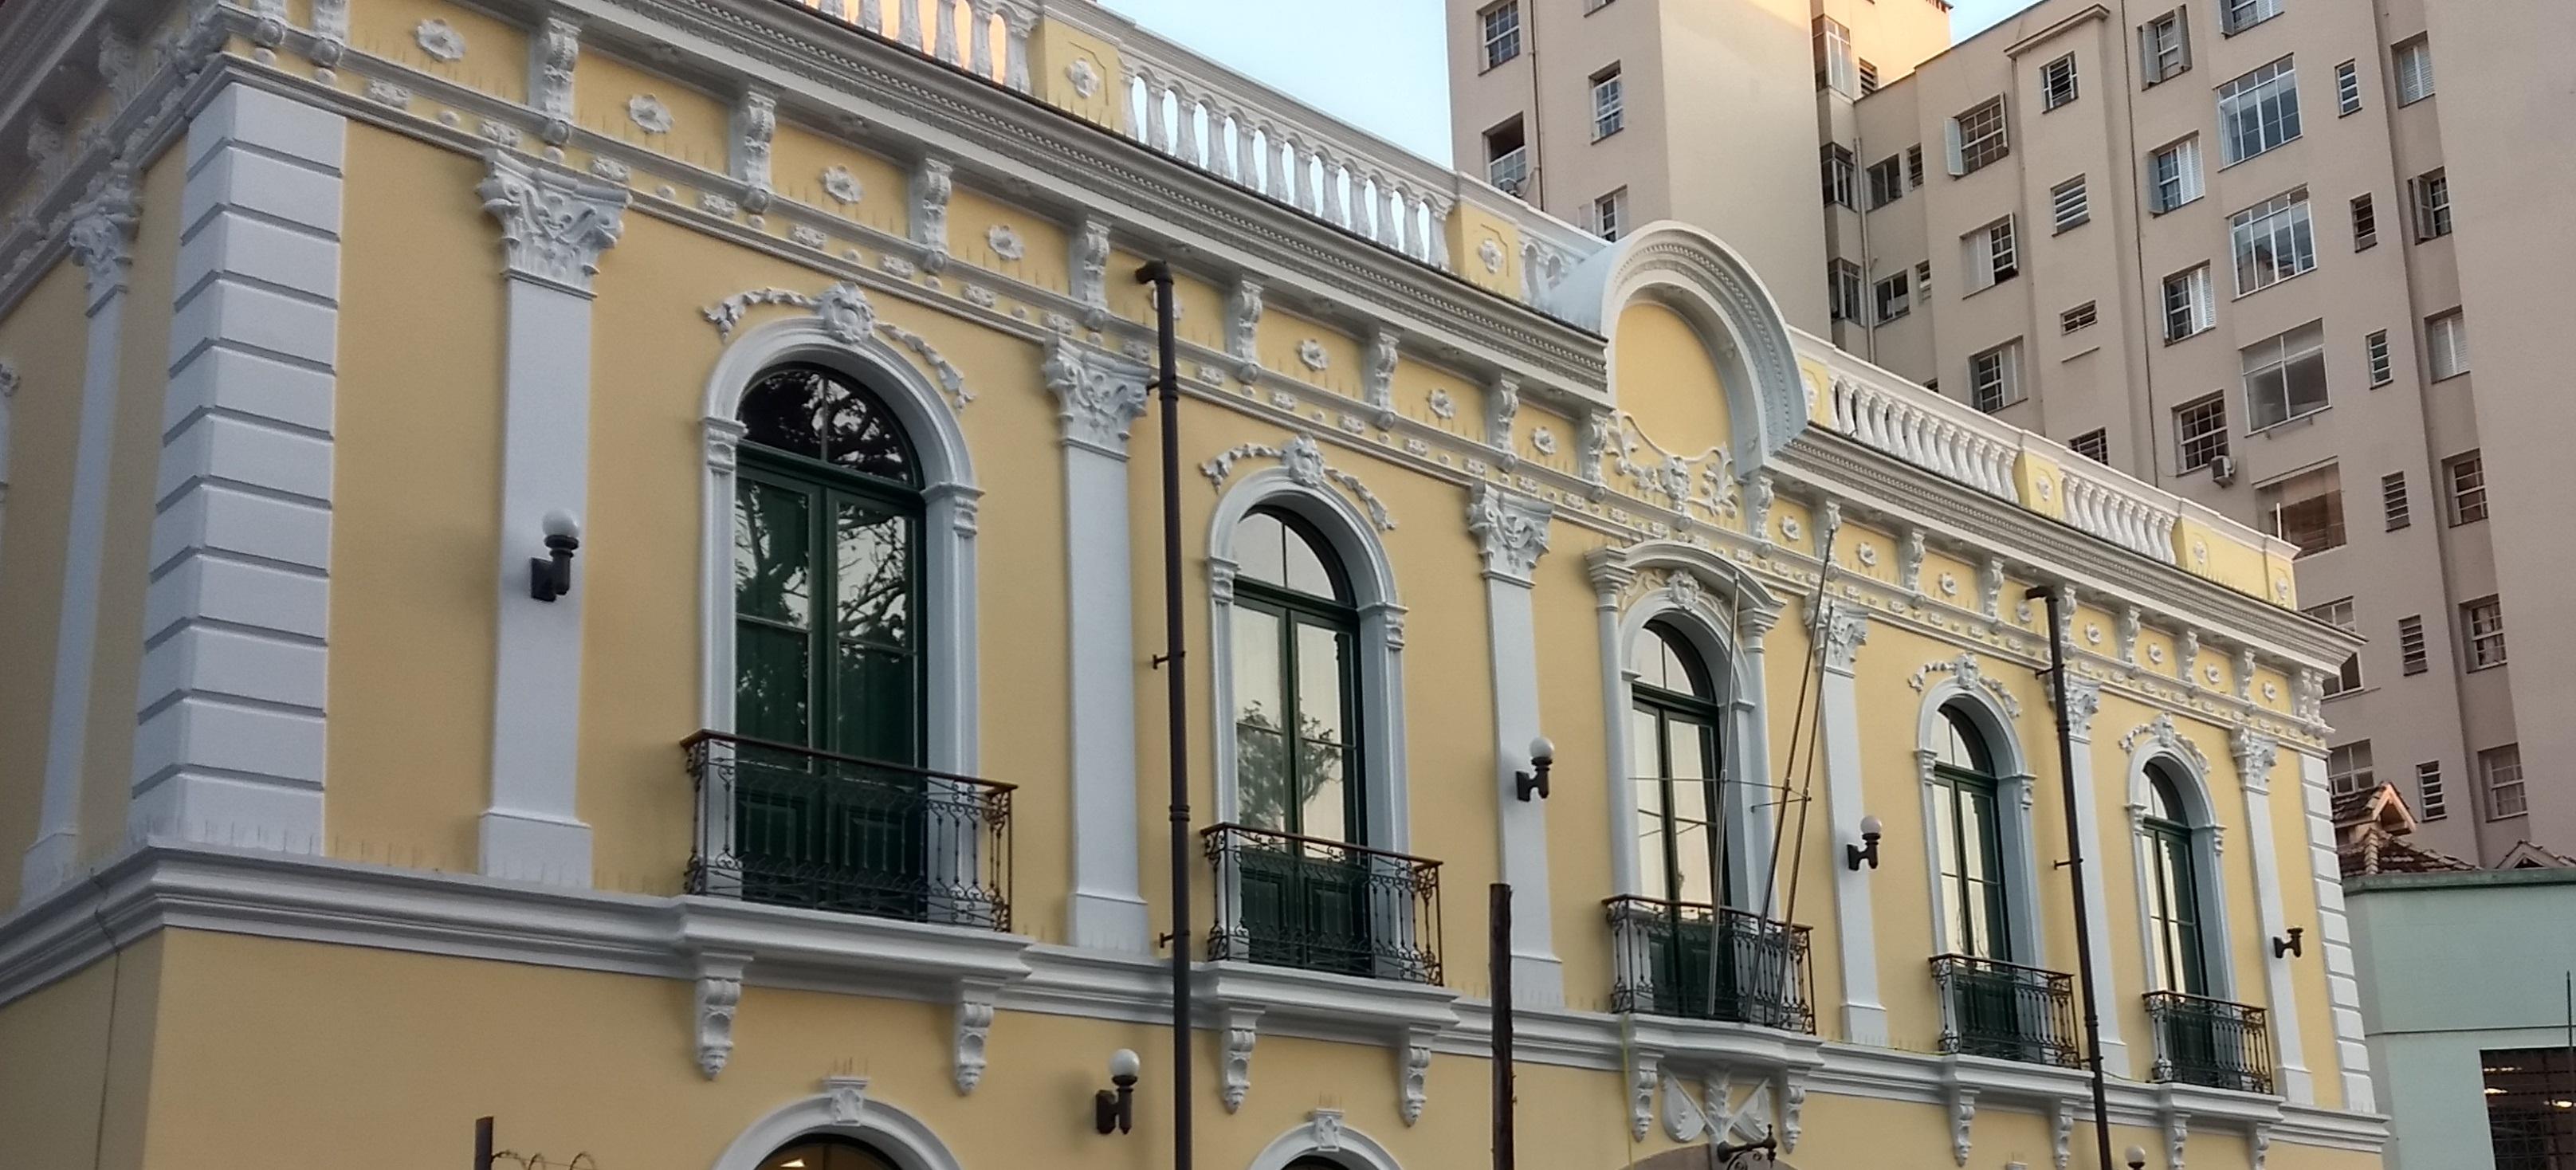 17933d10c0 Casa de Câmara e Cadeia foi restaurada pelo Iphan e a Prefeitura Municipal  de Florianópolis